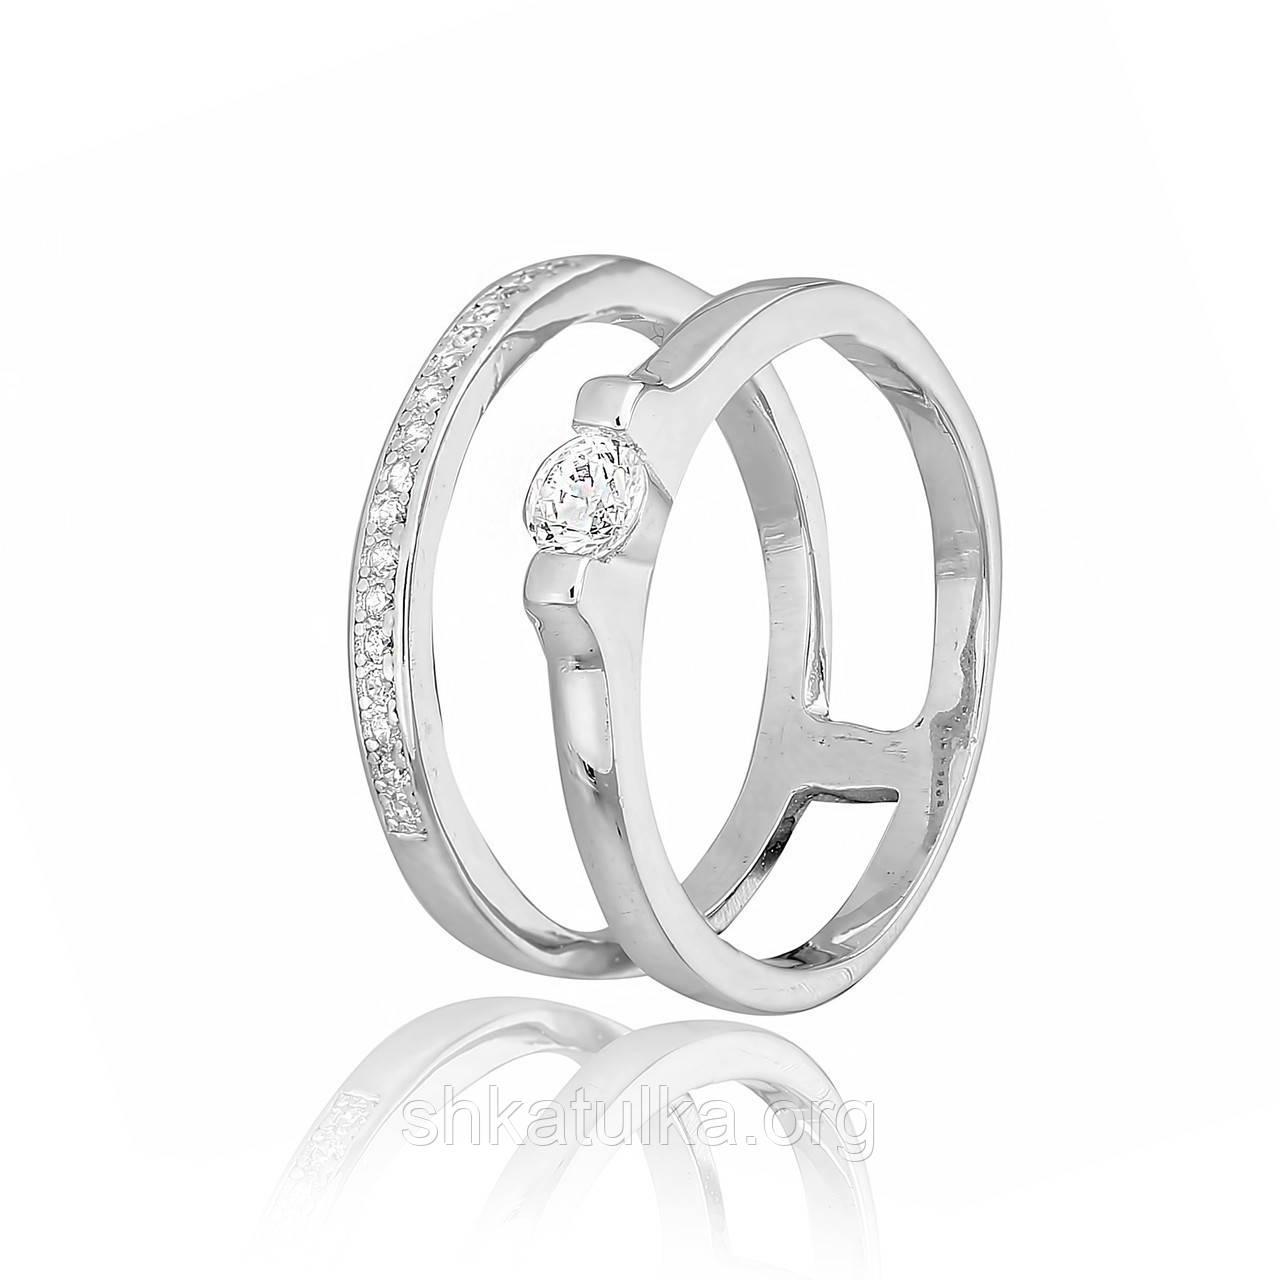 Серебряное кольцо с фианитом К2Ф/249